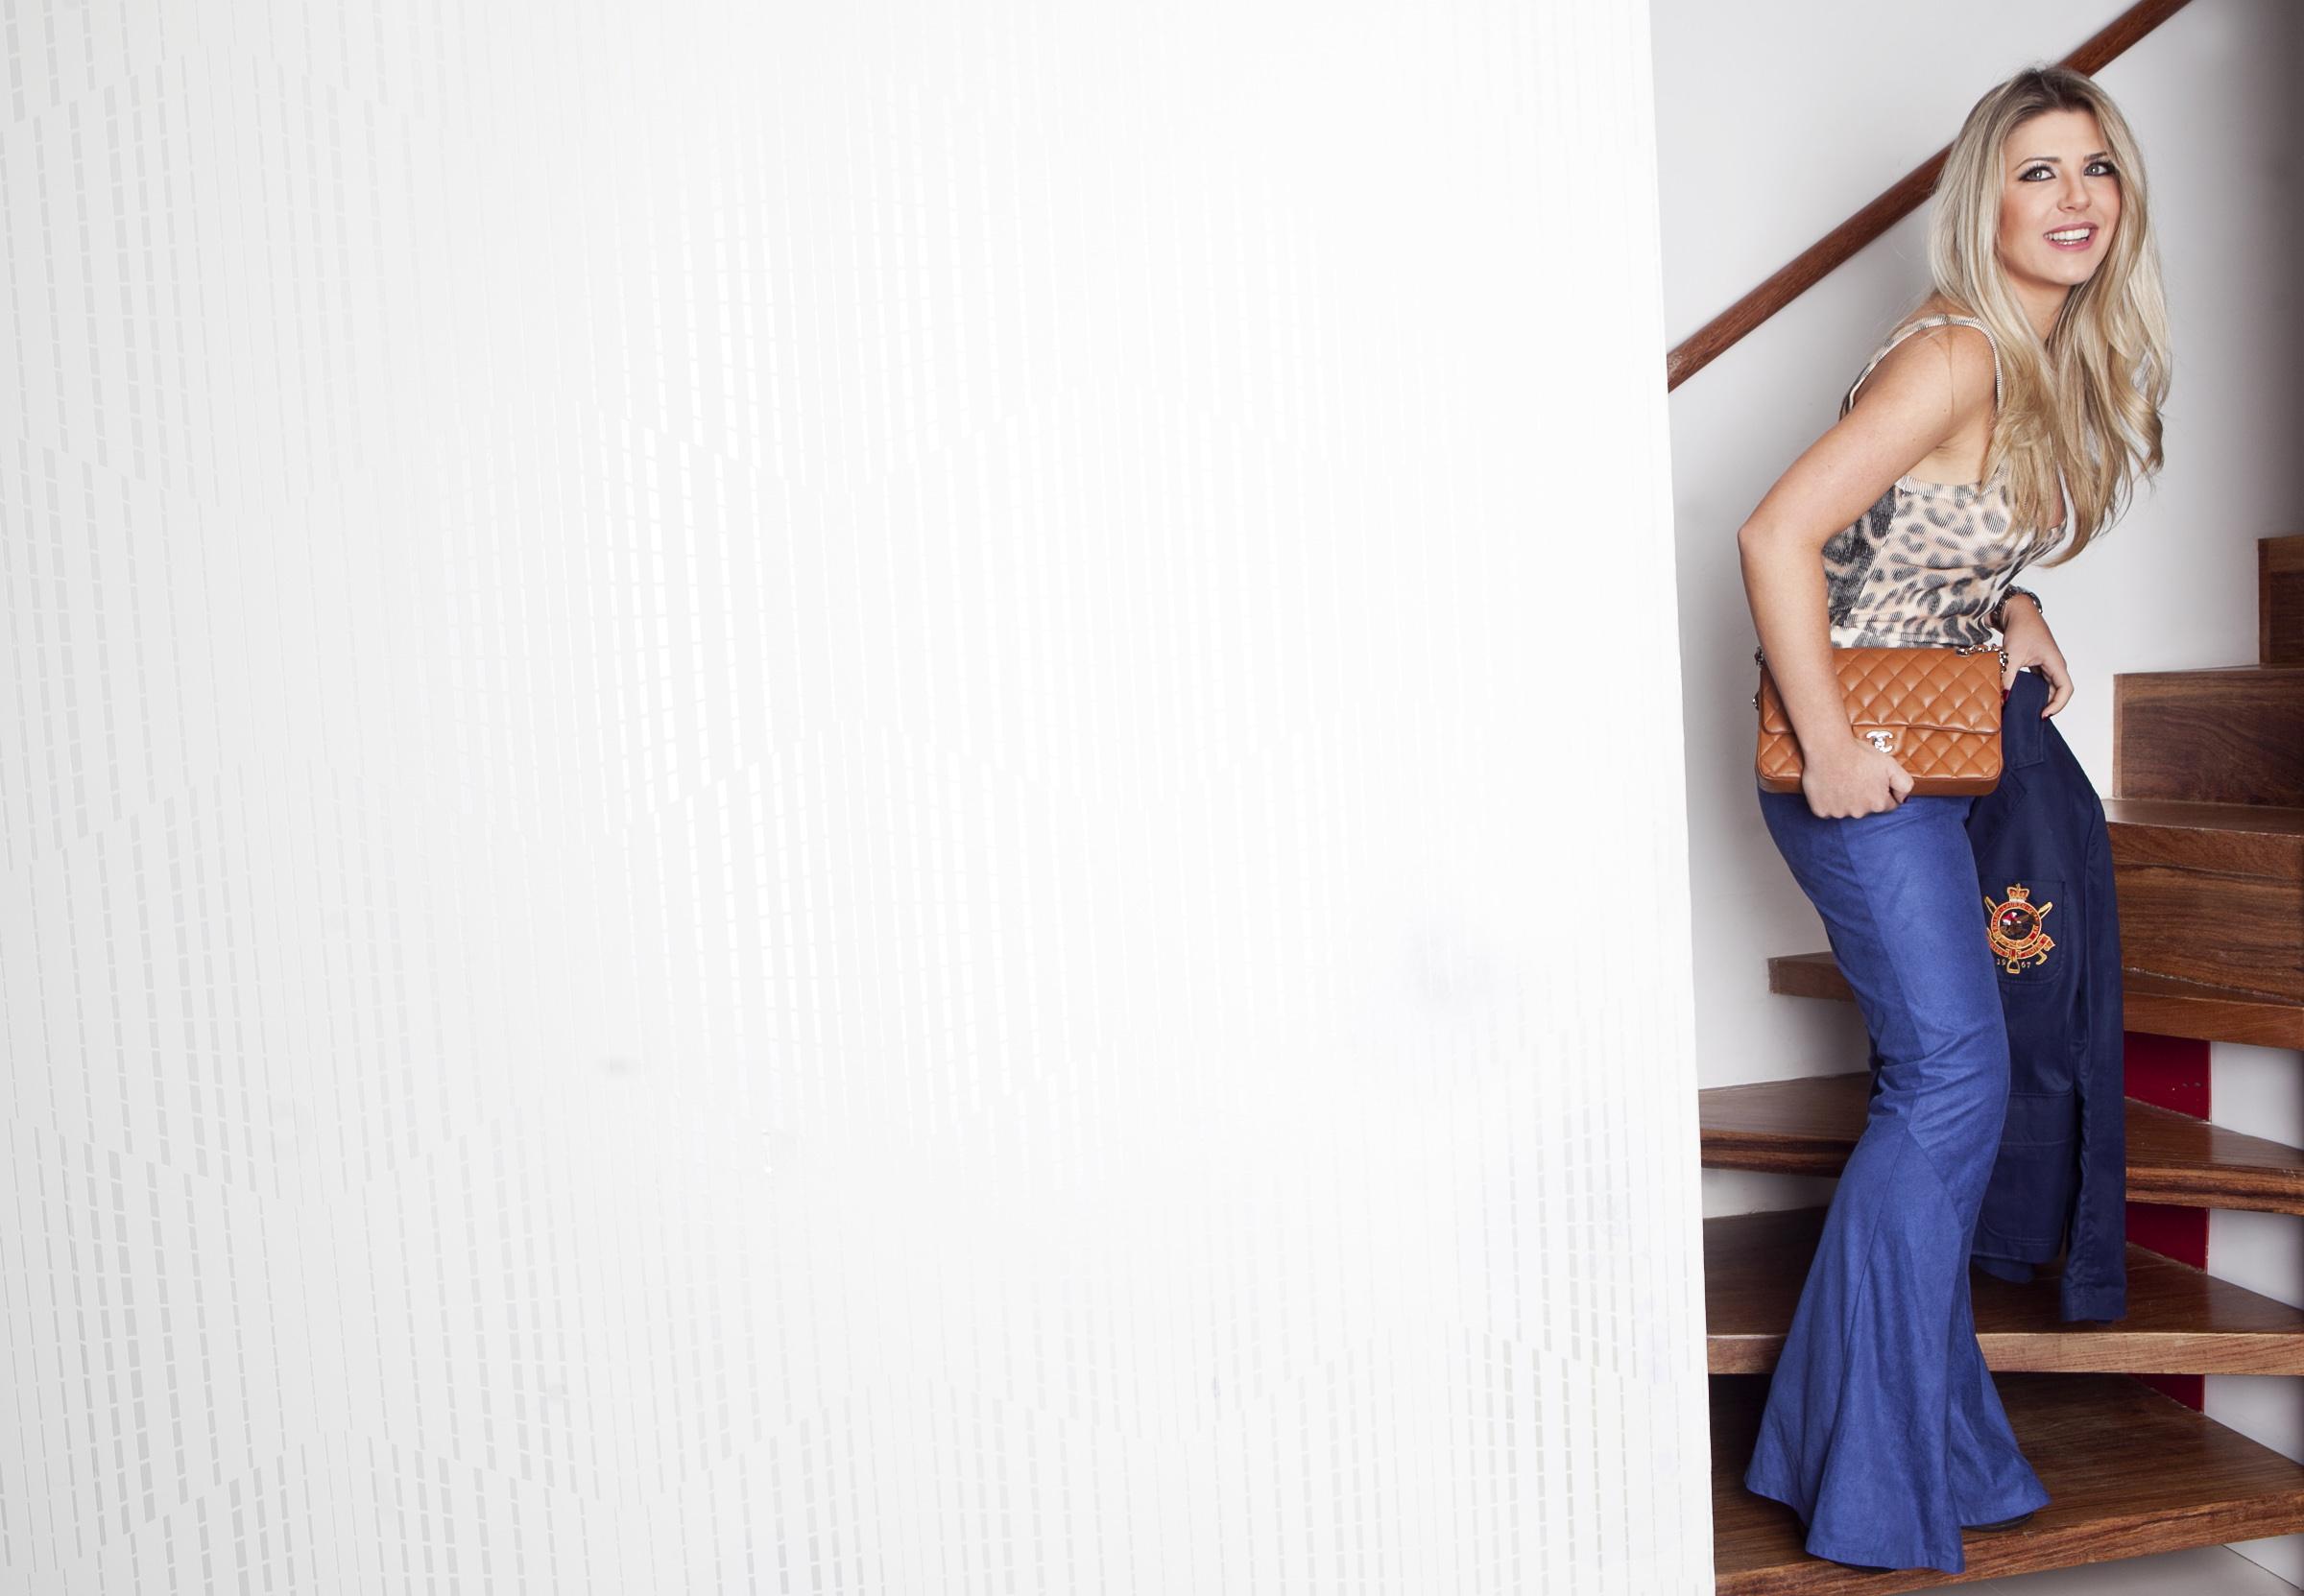 Iris Stefanelli brinca ao posar com um look para o trabalho. A ex-BBB escolhe e compra ela mesma tudo o que veste